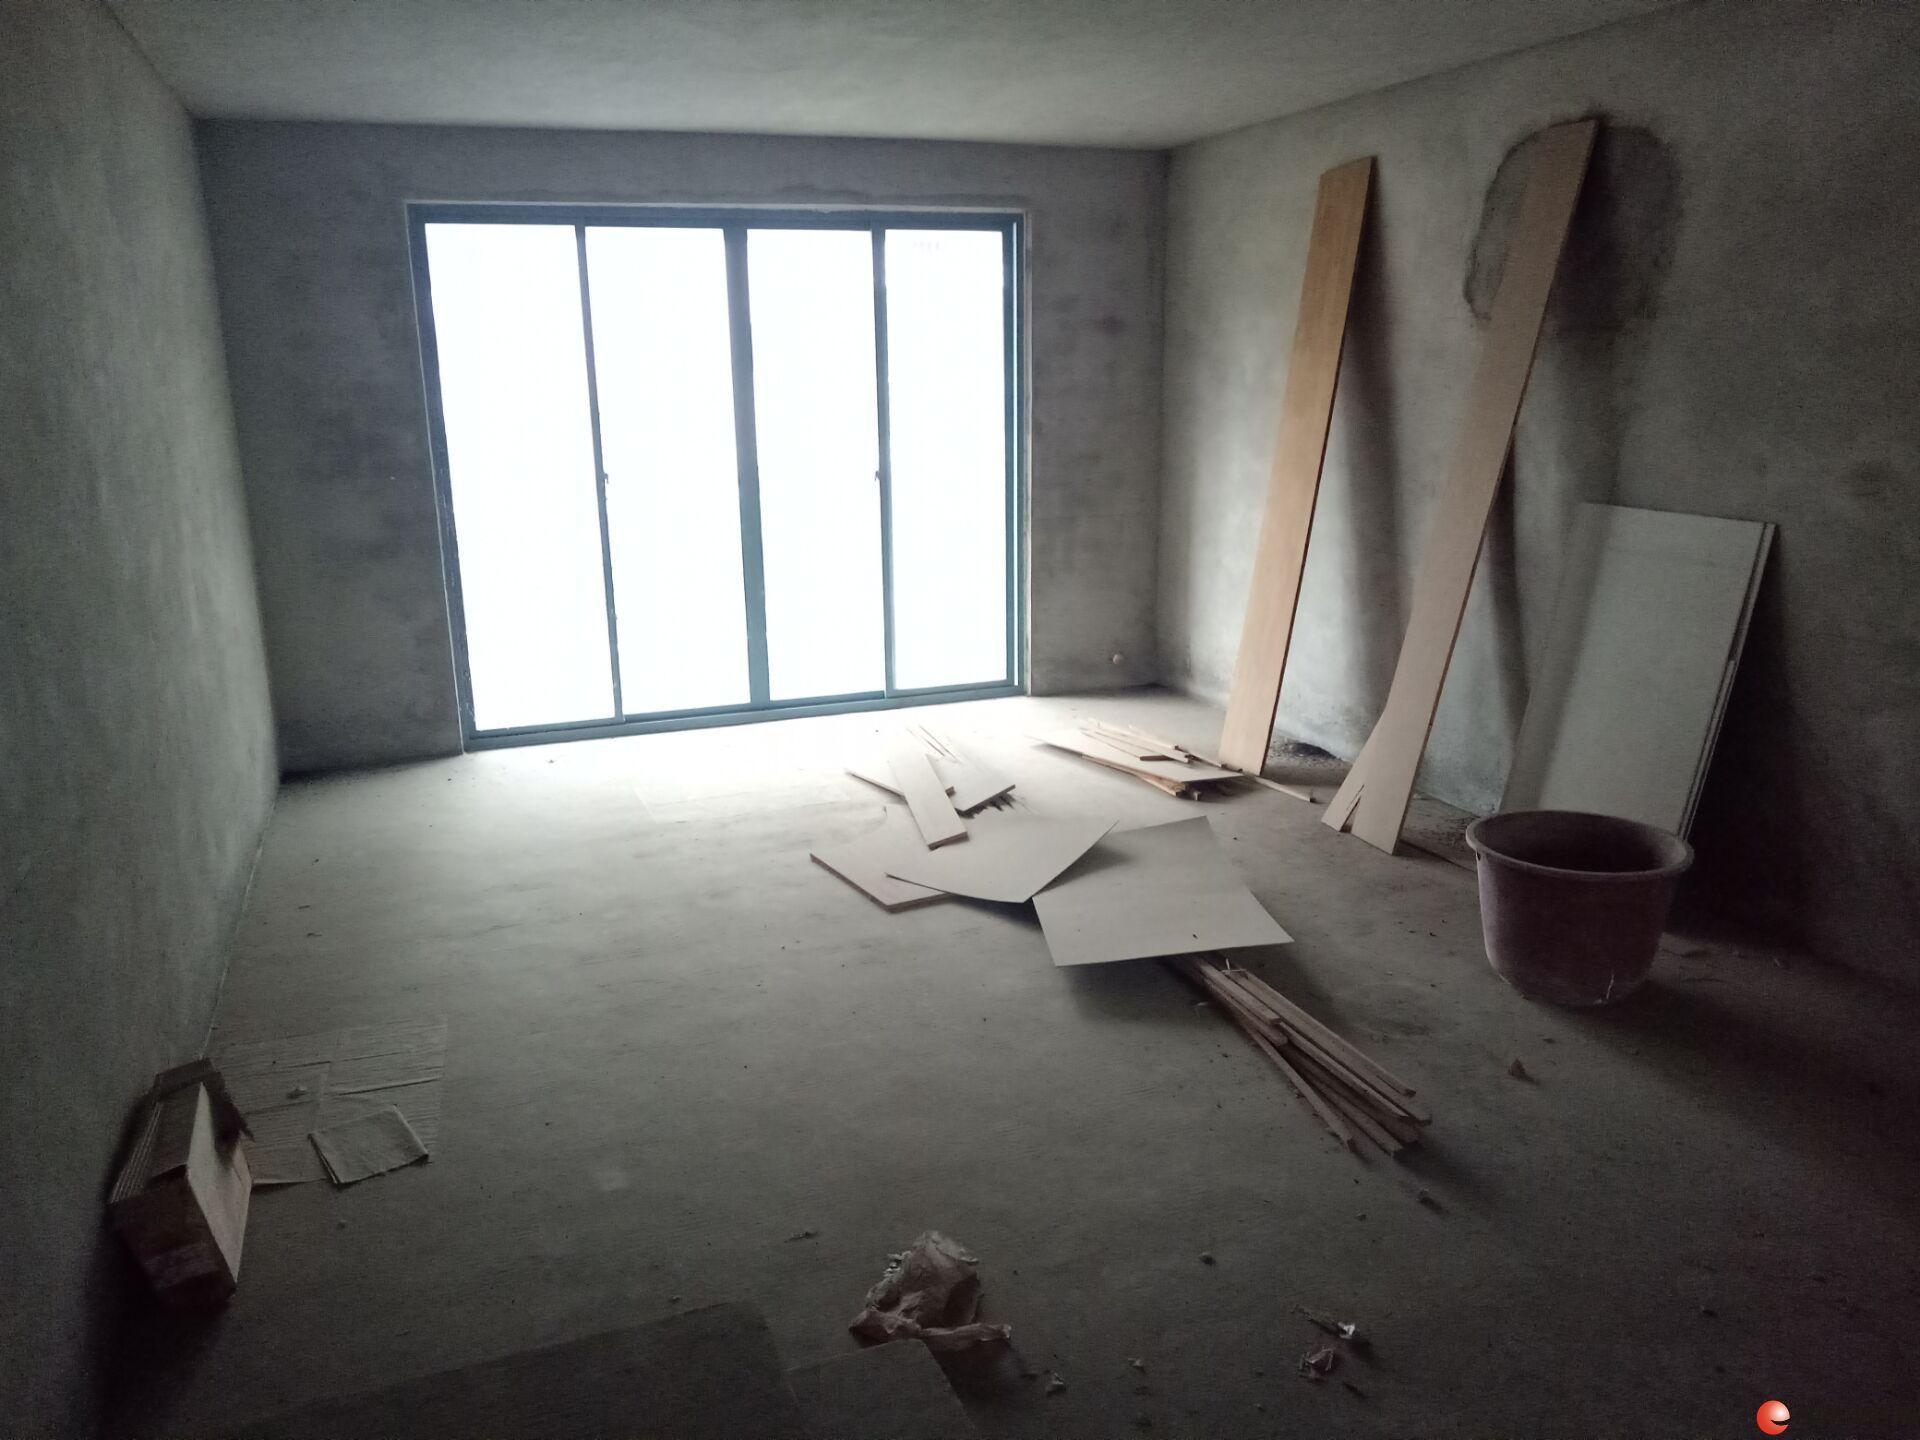 体育馆附近 碧水康城小区 3房2厅2卫带入户花园可改4房用,双阳台, 楼梯4楼